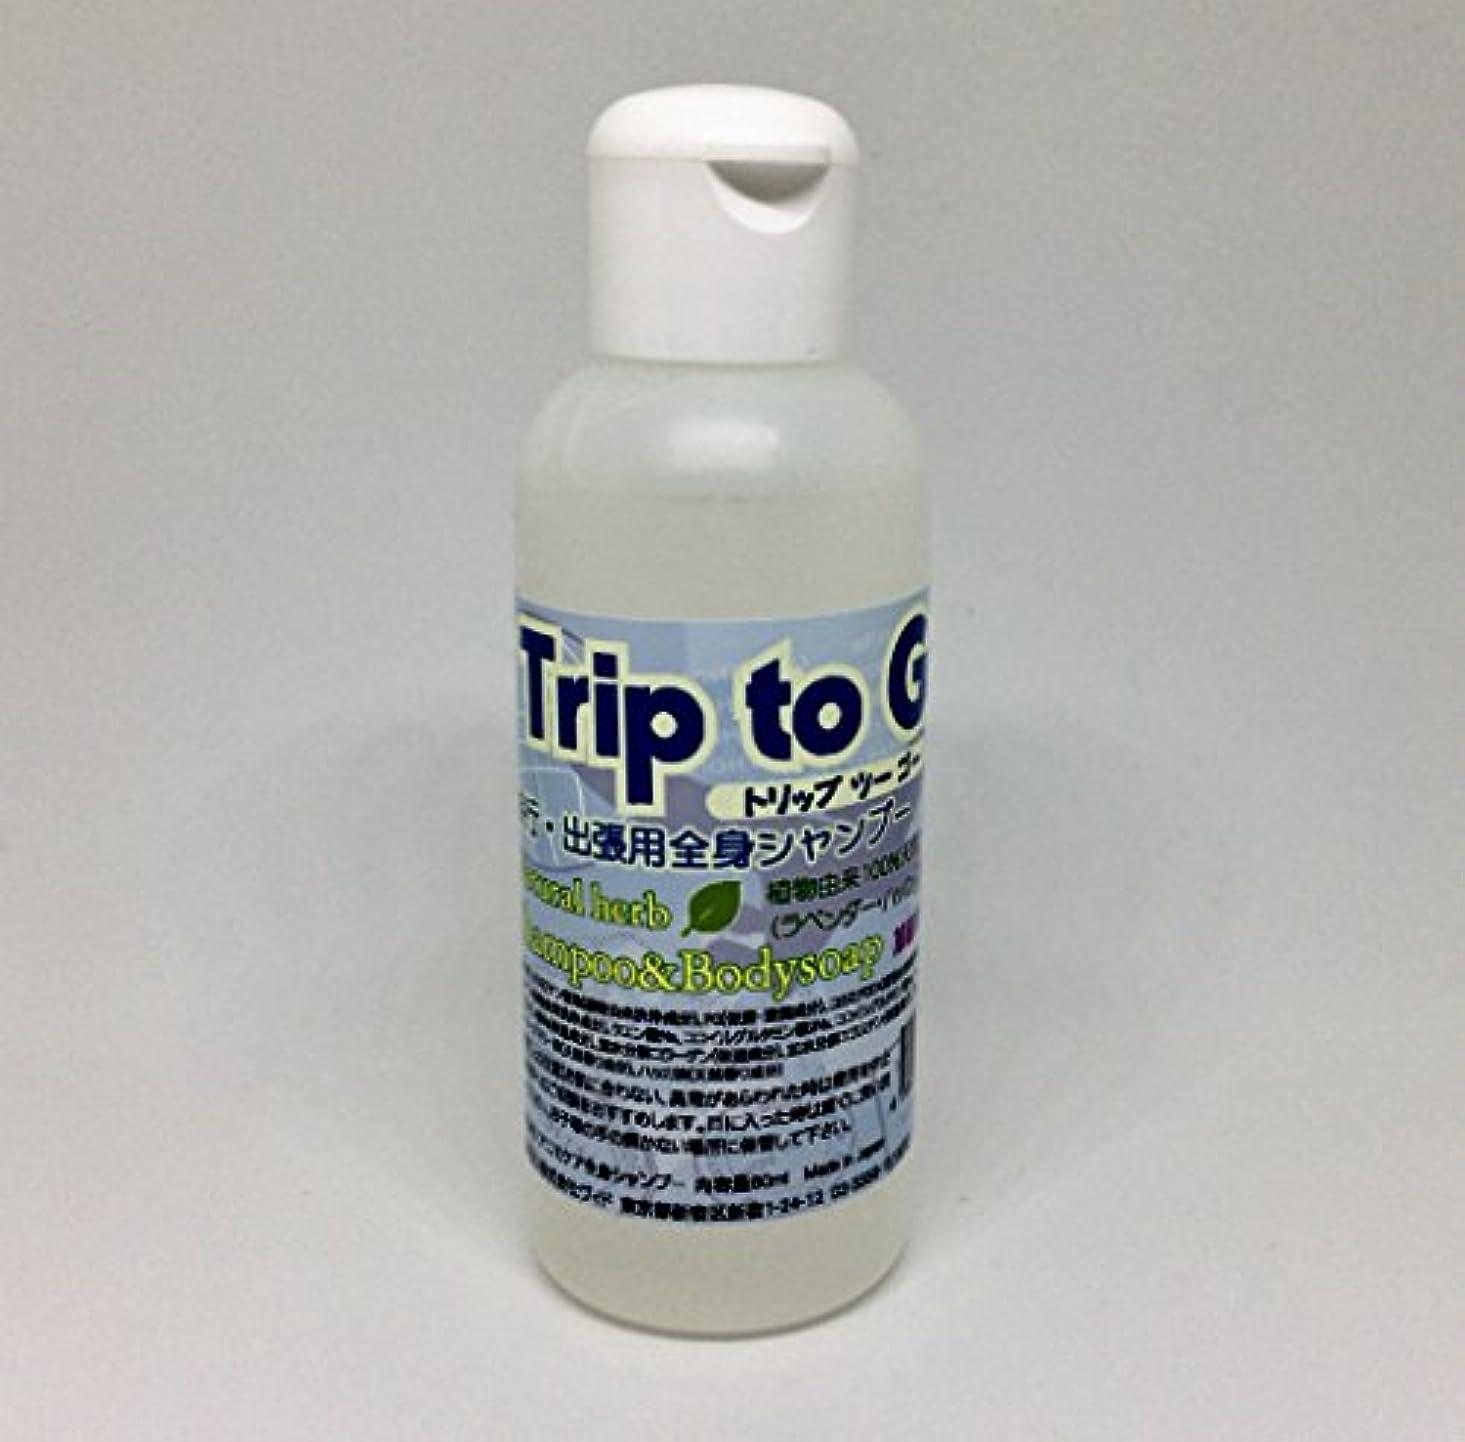 慈善皮絞るTrip to Go(トリップツーゴー) 全身シャンプー 60ml 旅行/出張にコレ1本 ただいま送料無料です。